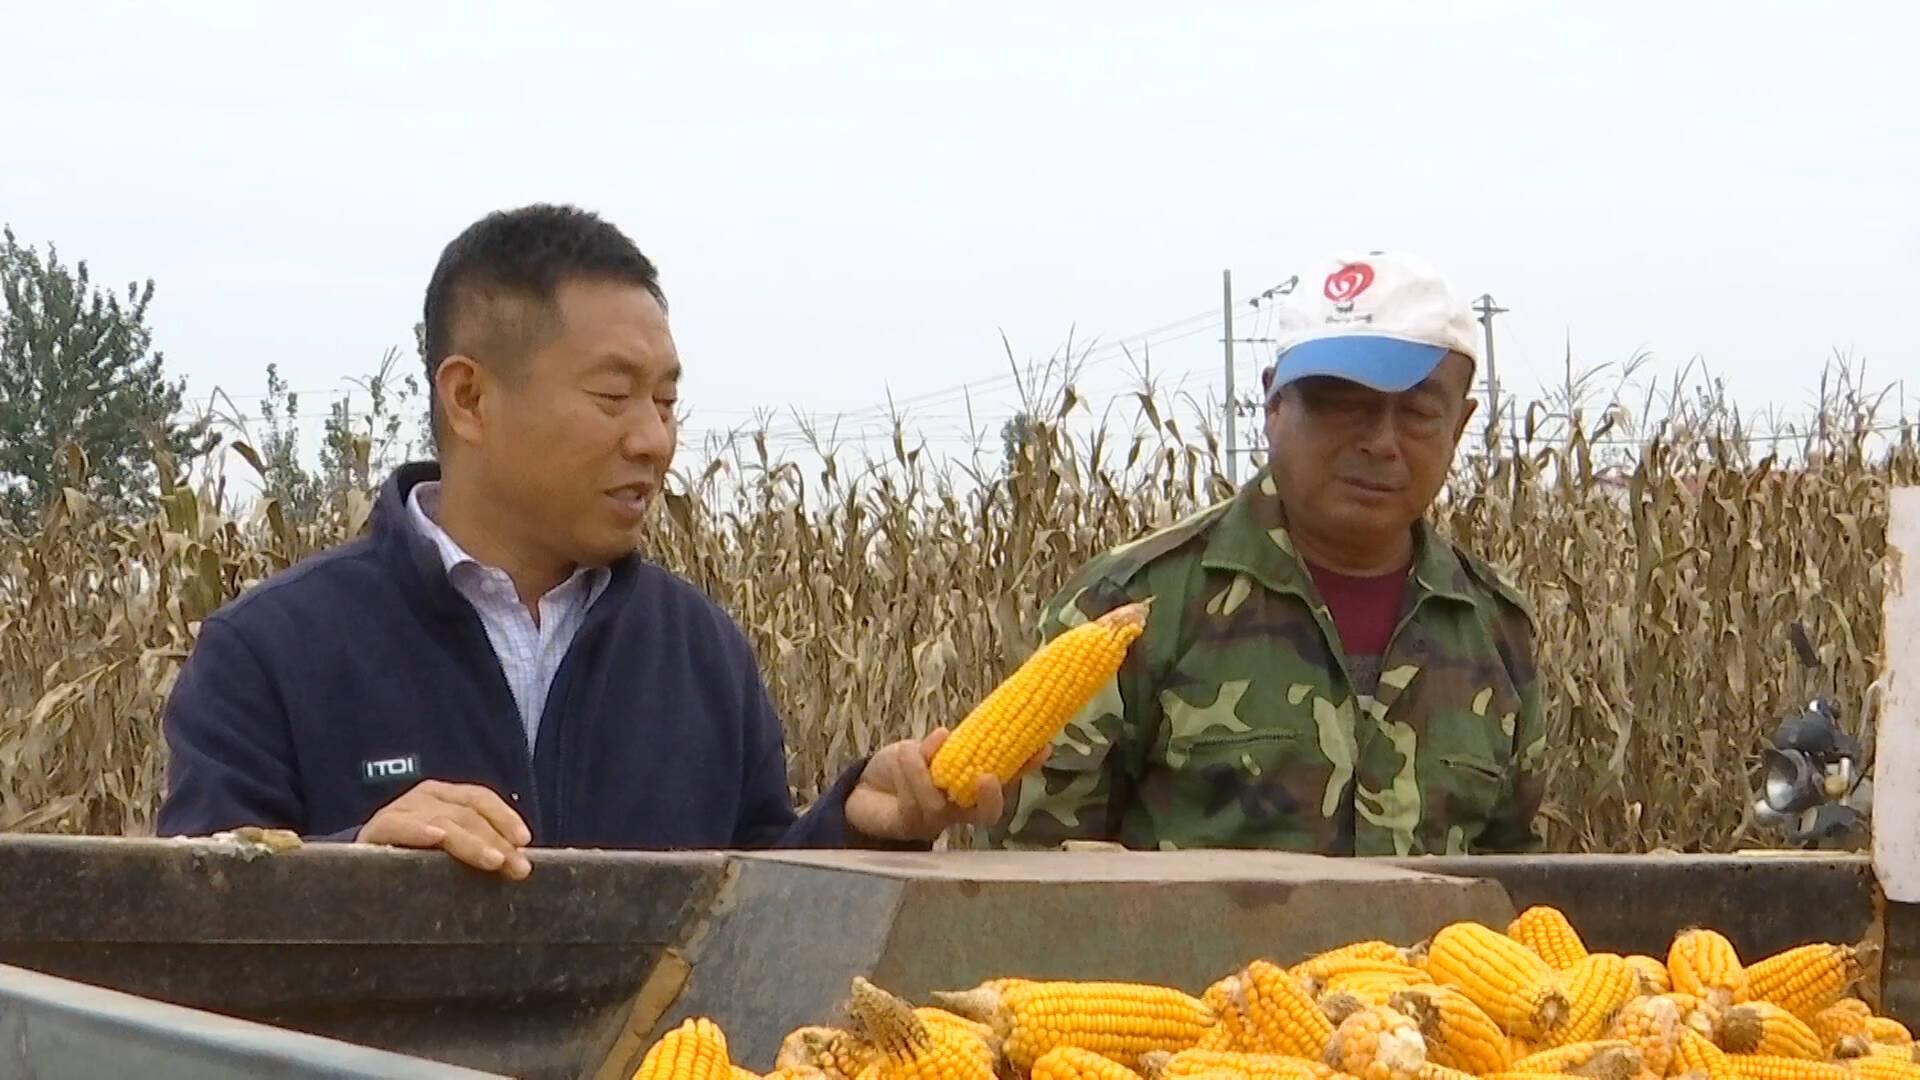 德州乐陵:农技专家组成5个指导小组,分赴各乡镇指导农民秋收秋种